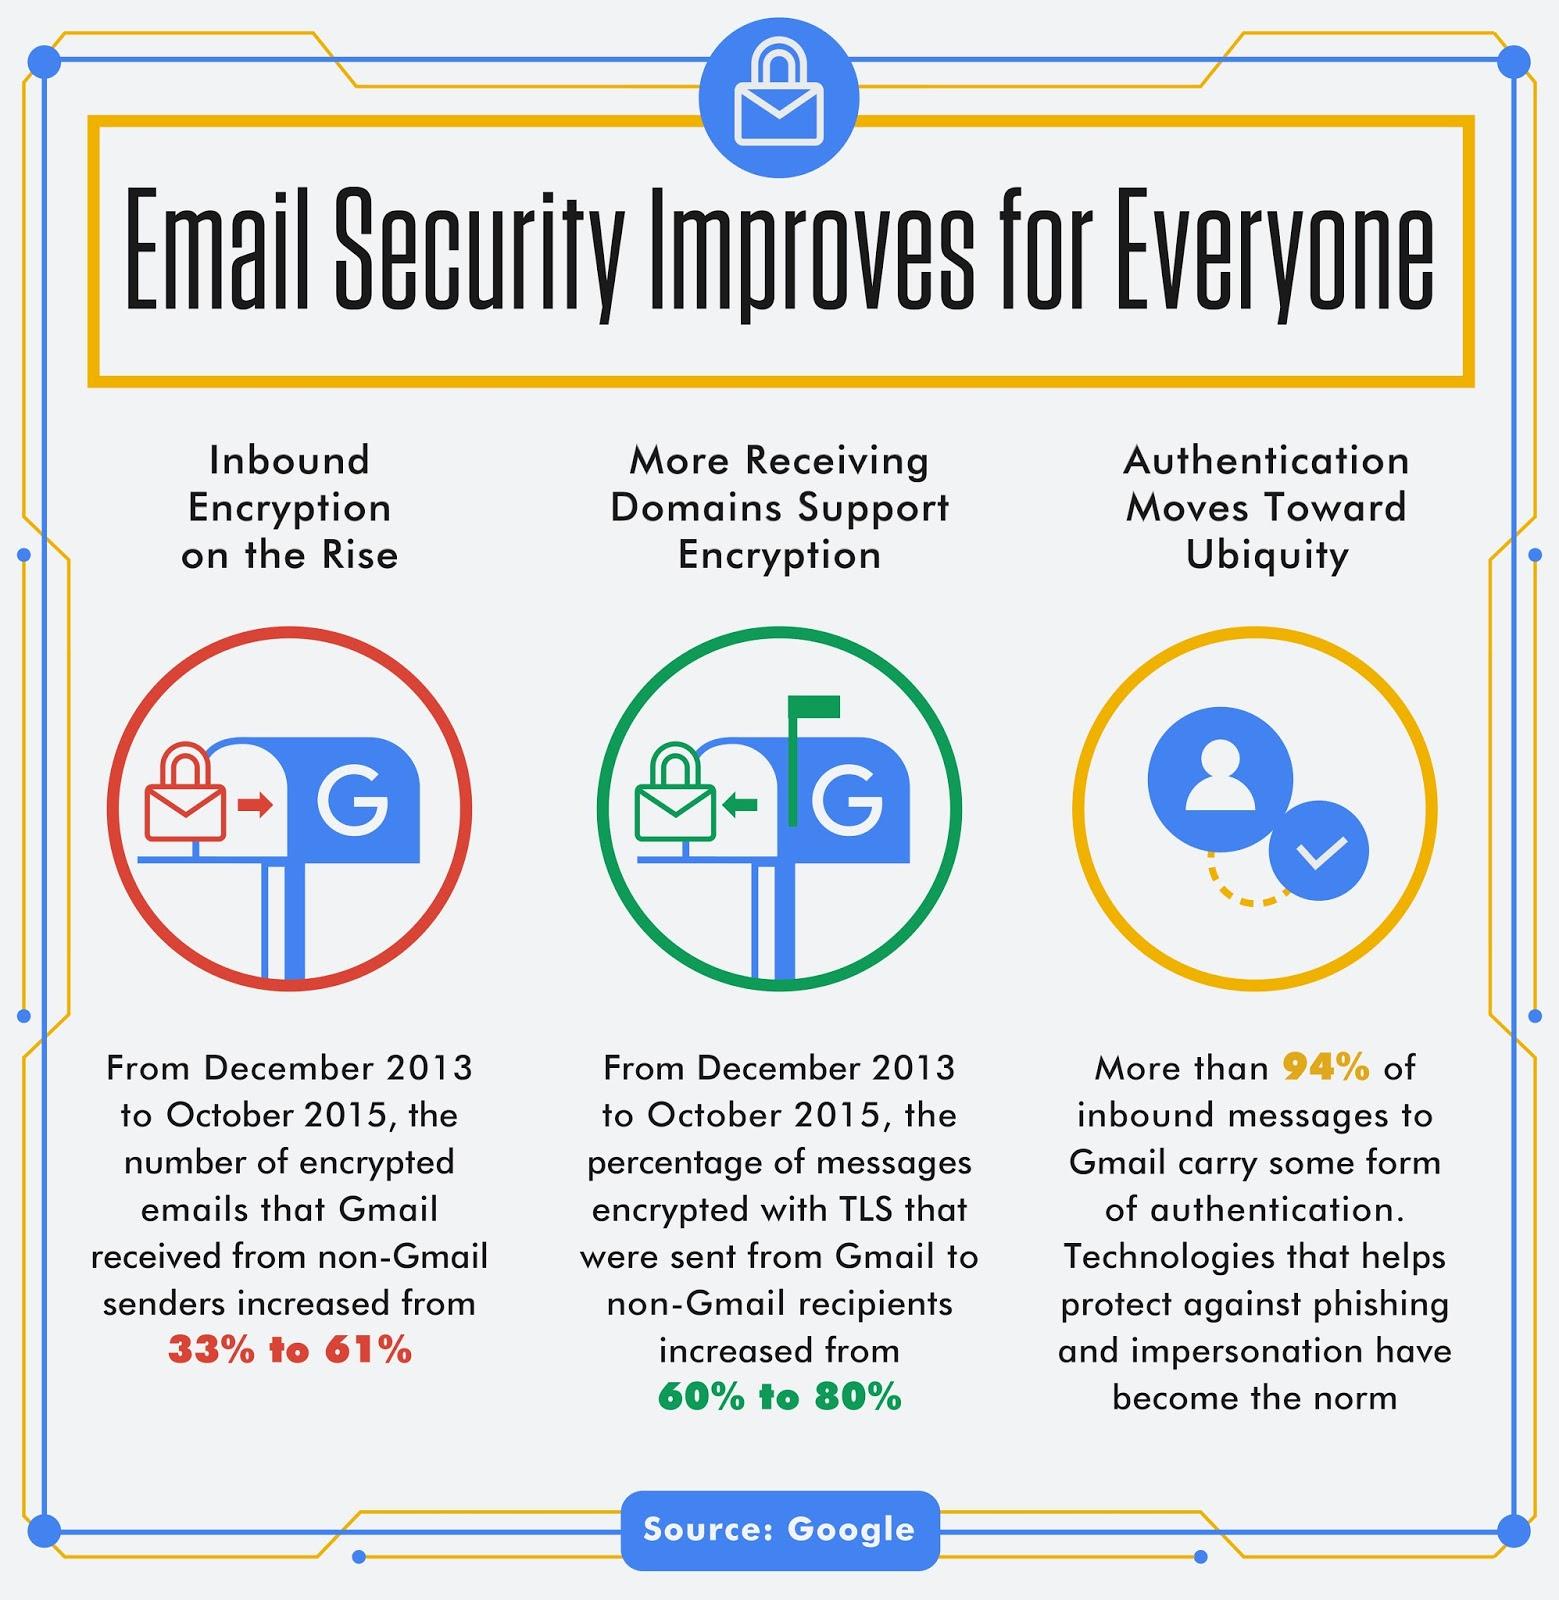 gmail-securite-ameliore-pour-tous